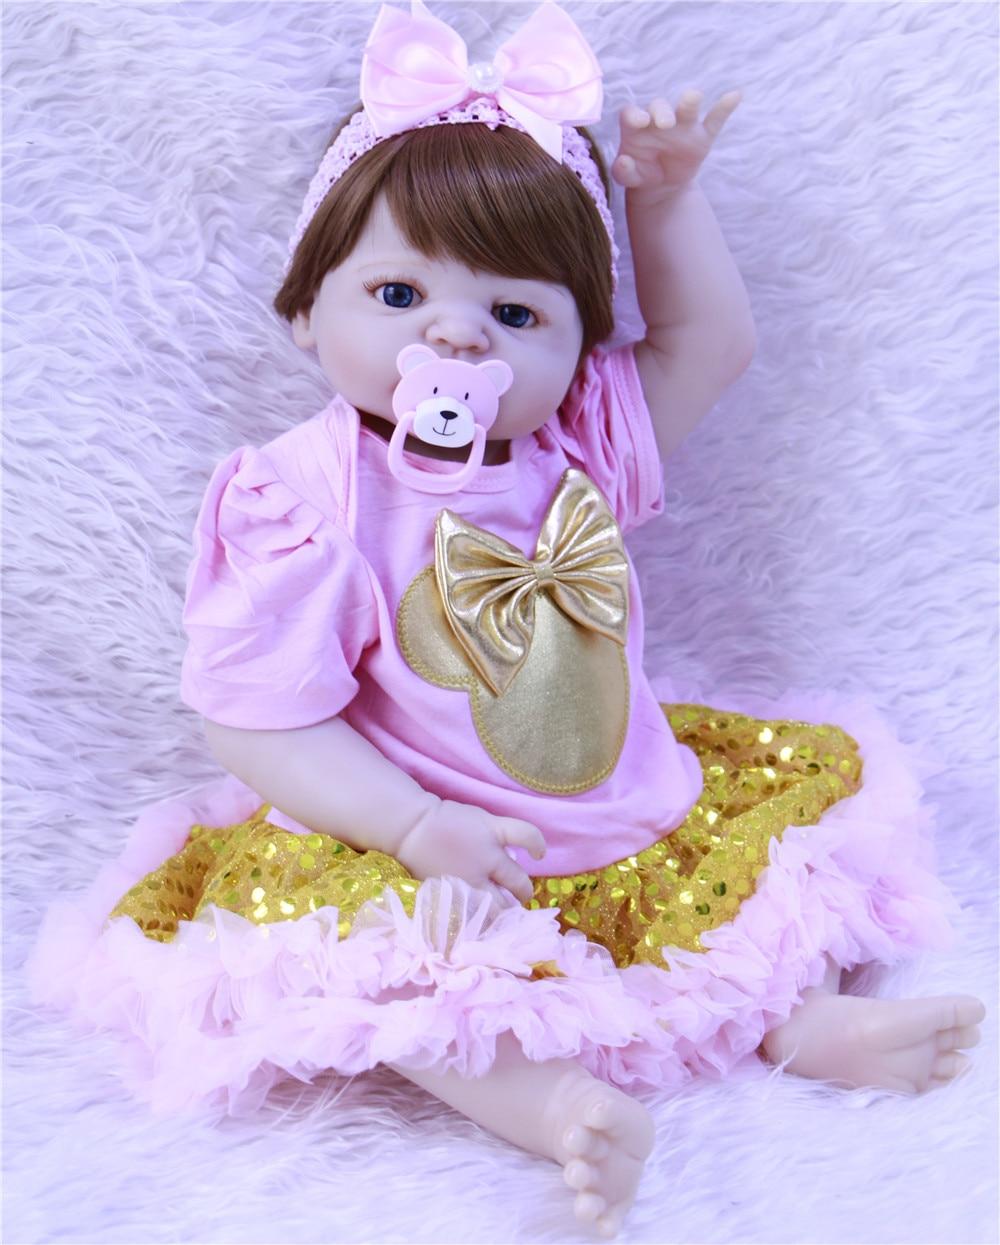 57 cm bebe reborn poupée silicone reborn reborn bébé poupées lol poupée brinquedos boneca reborn cadeau de noel pour filles dollmai - 2